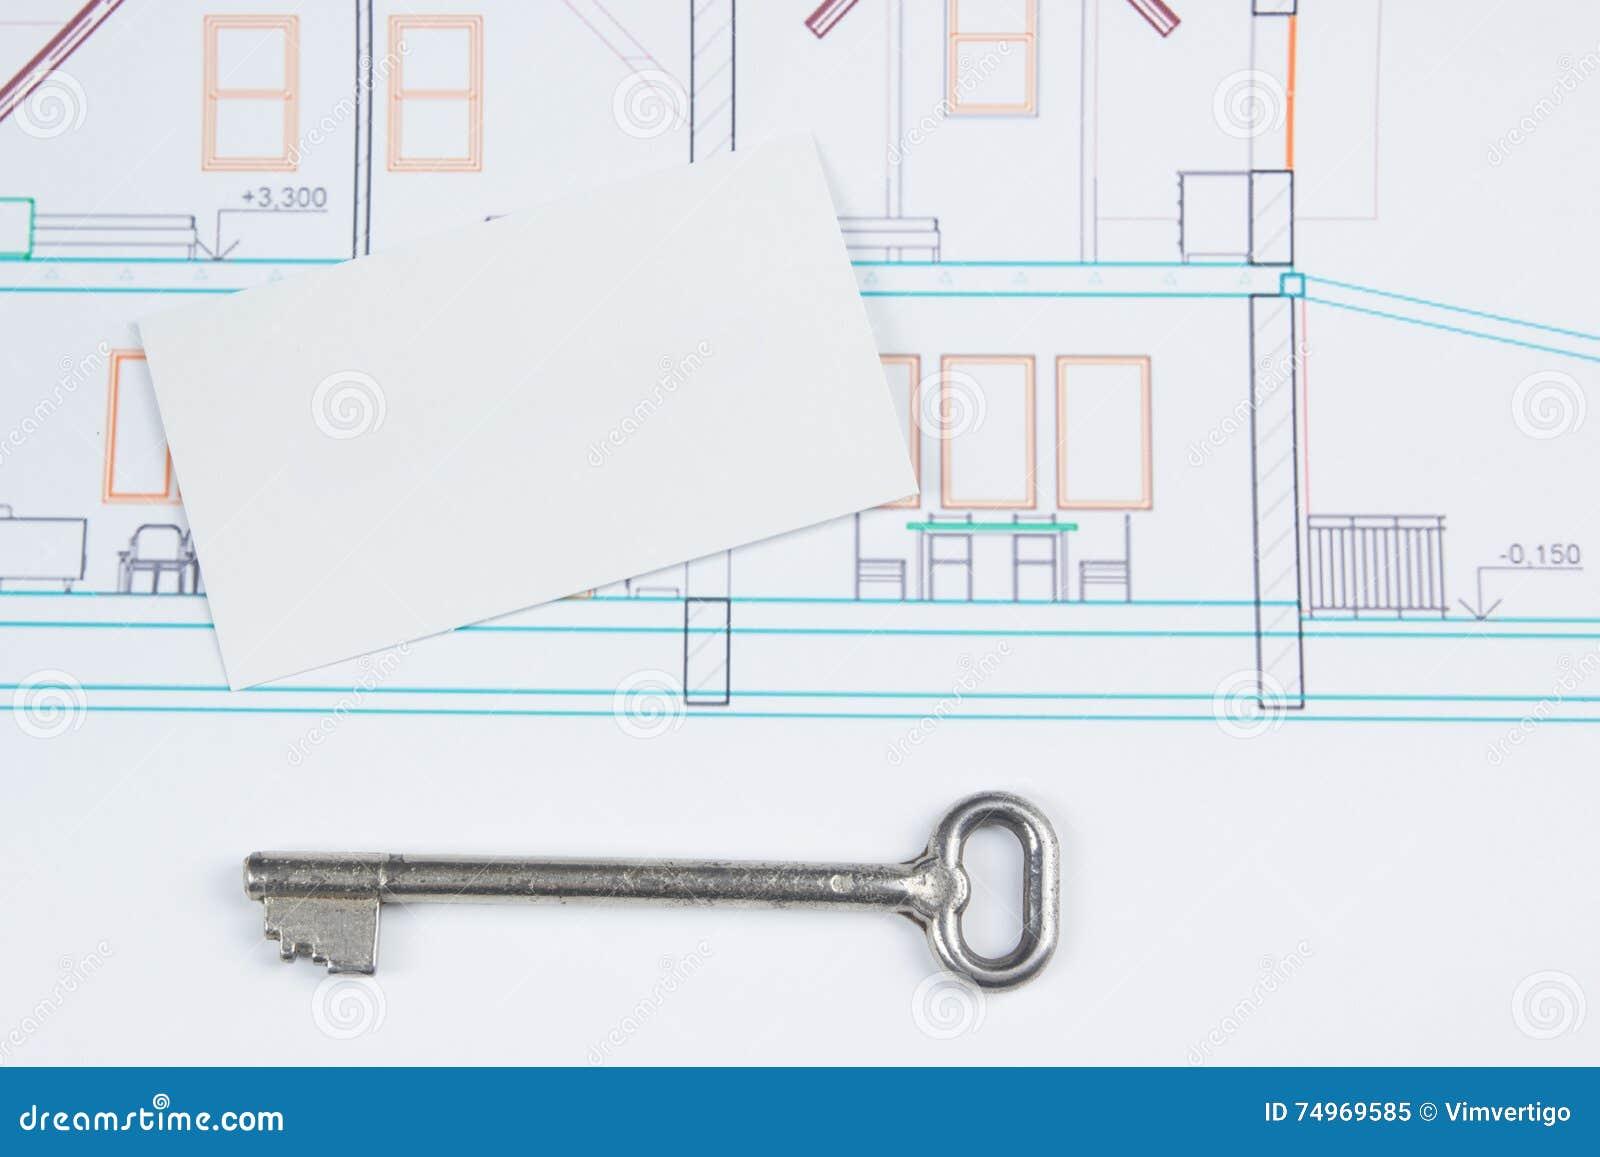 Projet Architectural Modles Cl Argente Avec Le Chiffre De Maison Et Carte Visite Professionnelle Vierge Sur Fond En Bois Concept 6